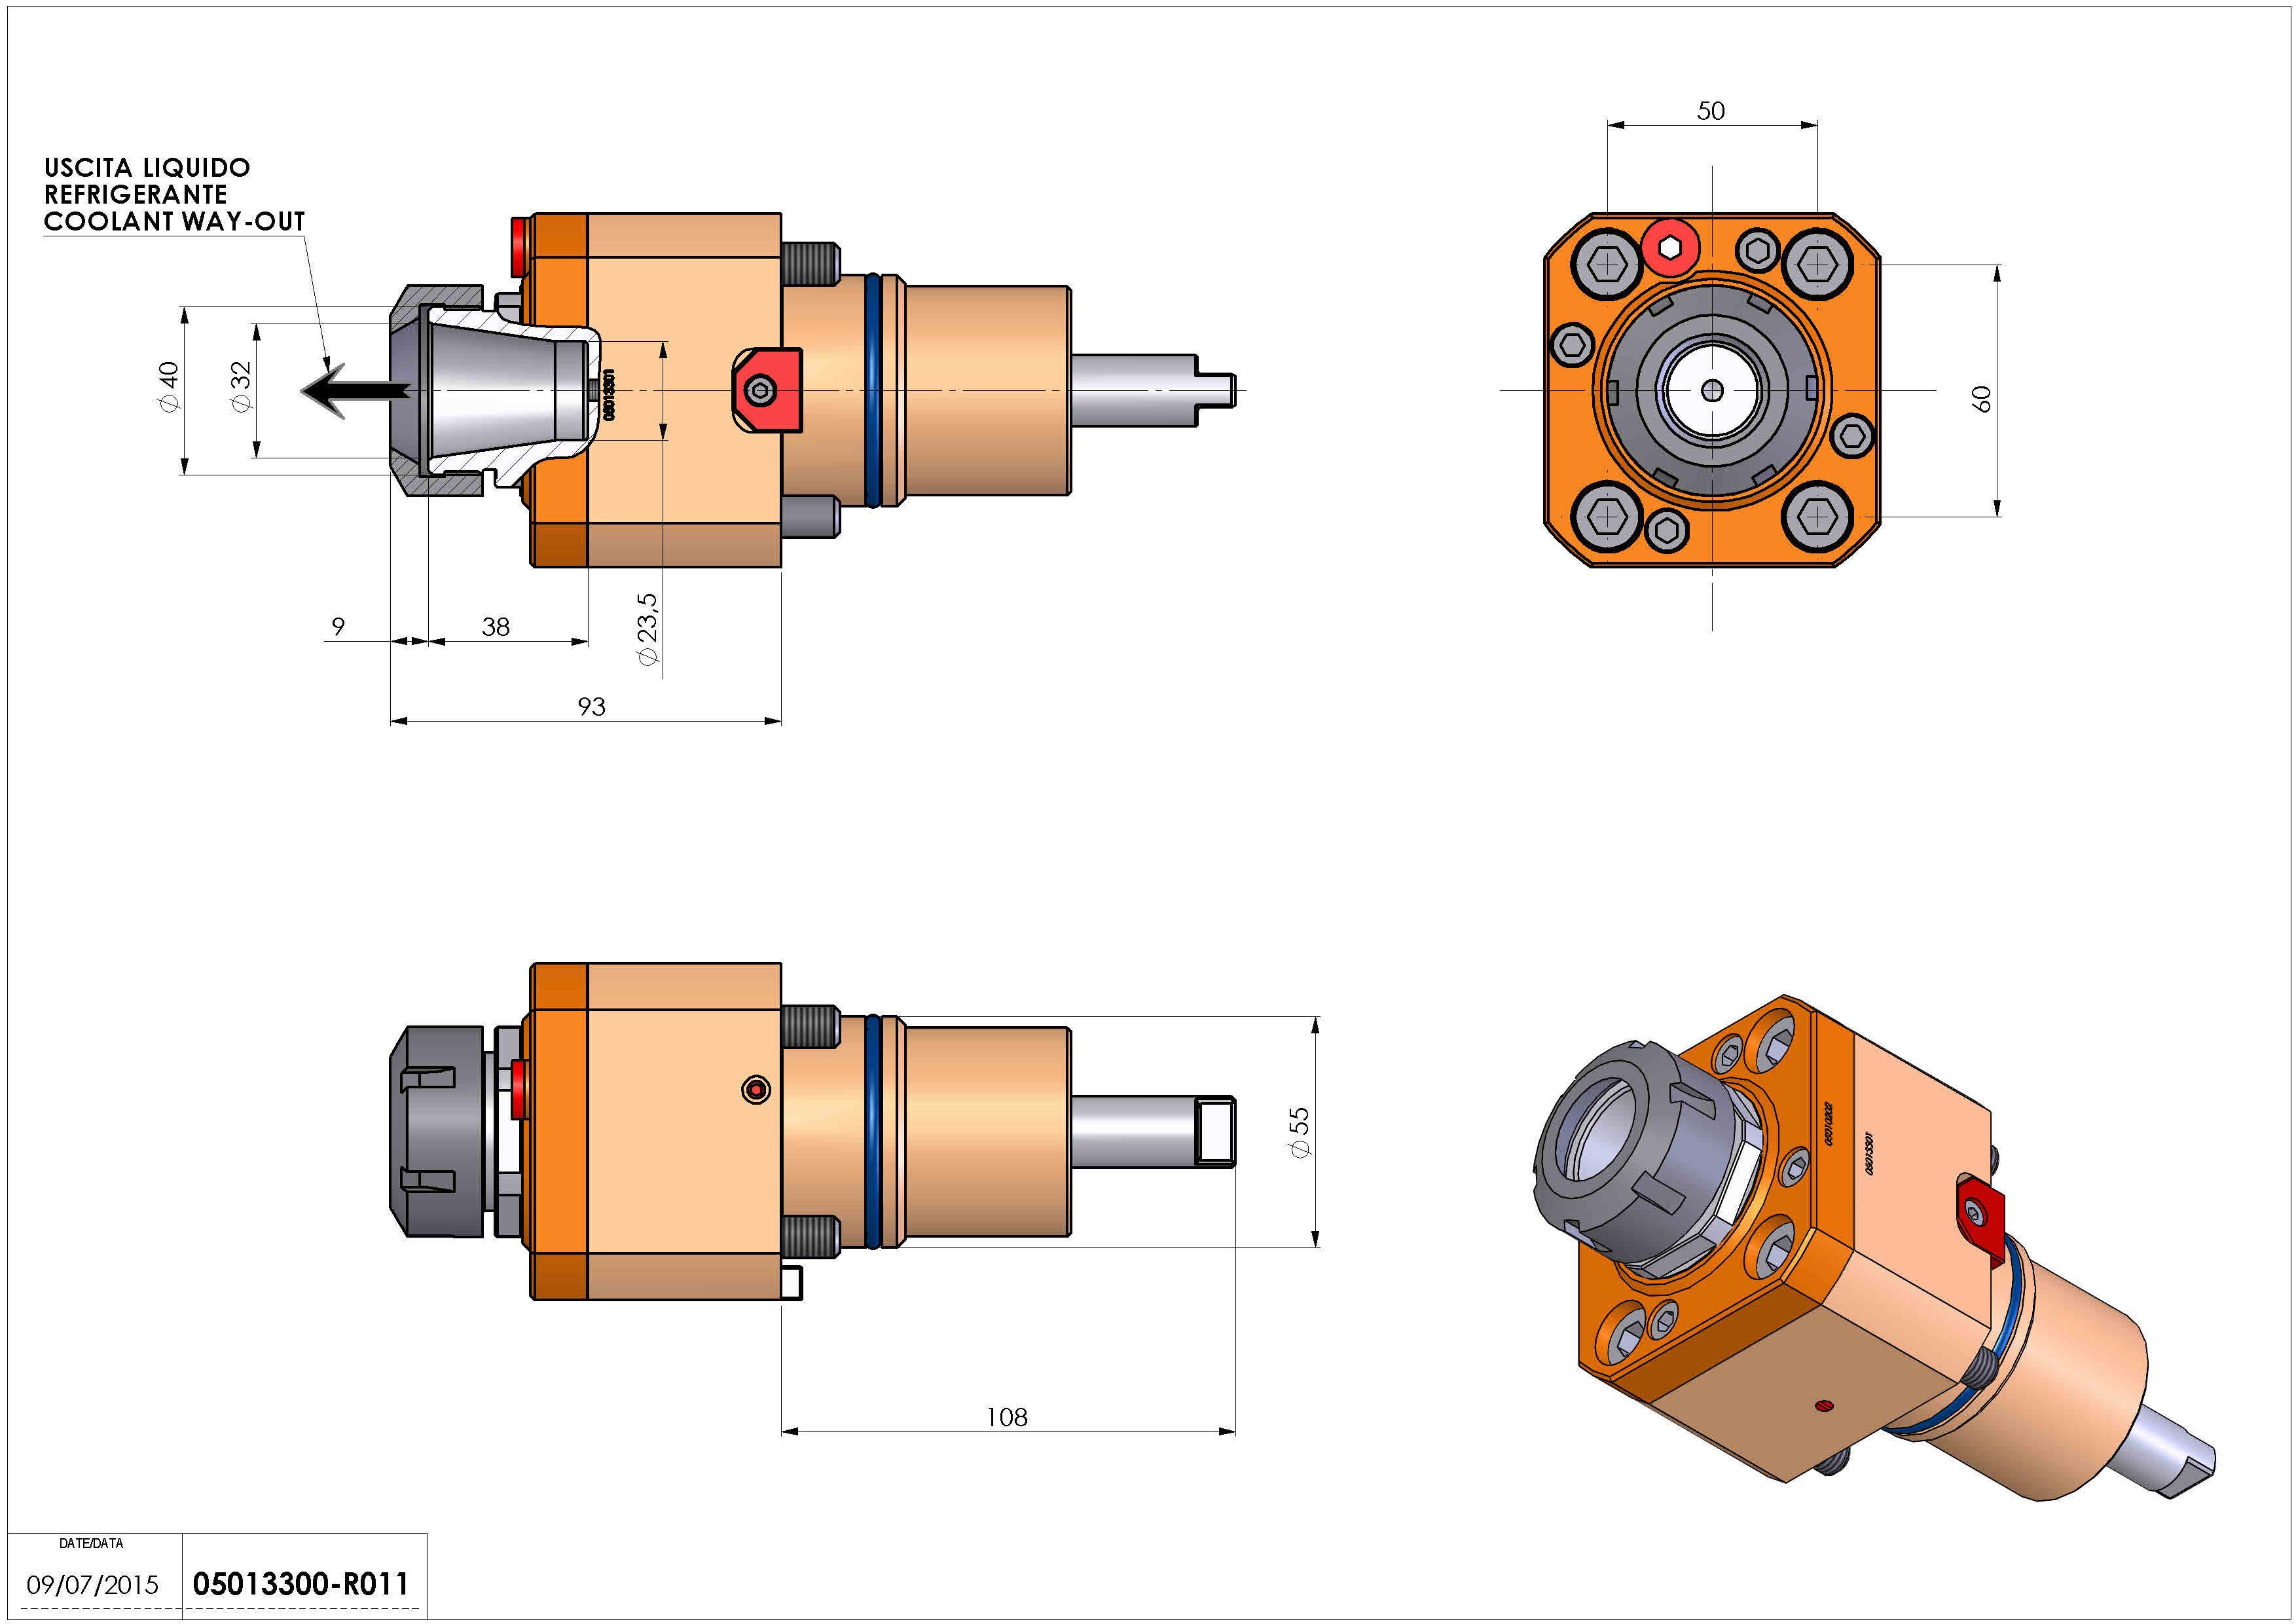 Technical image - LT-S D55 ER32 HRF H93.